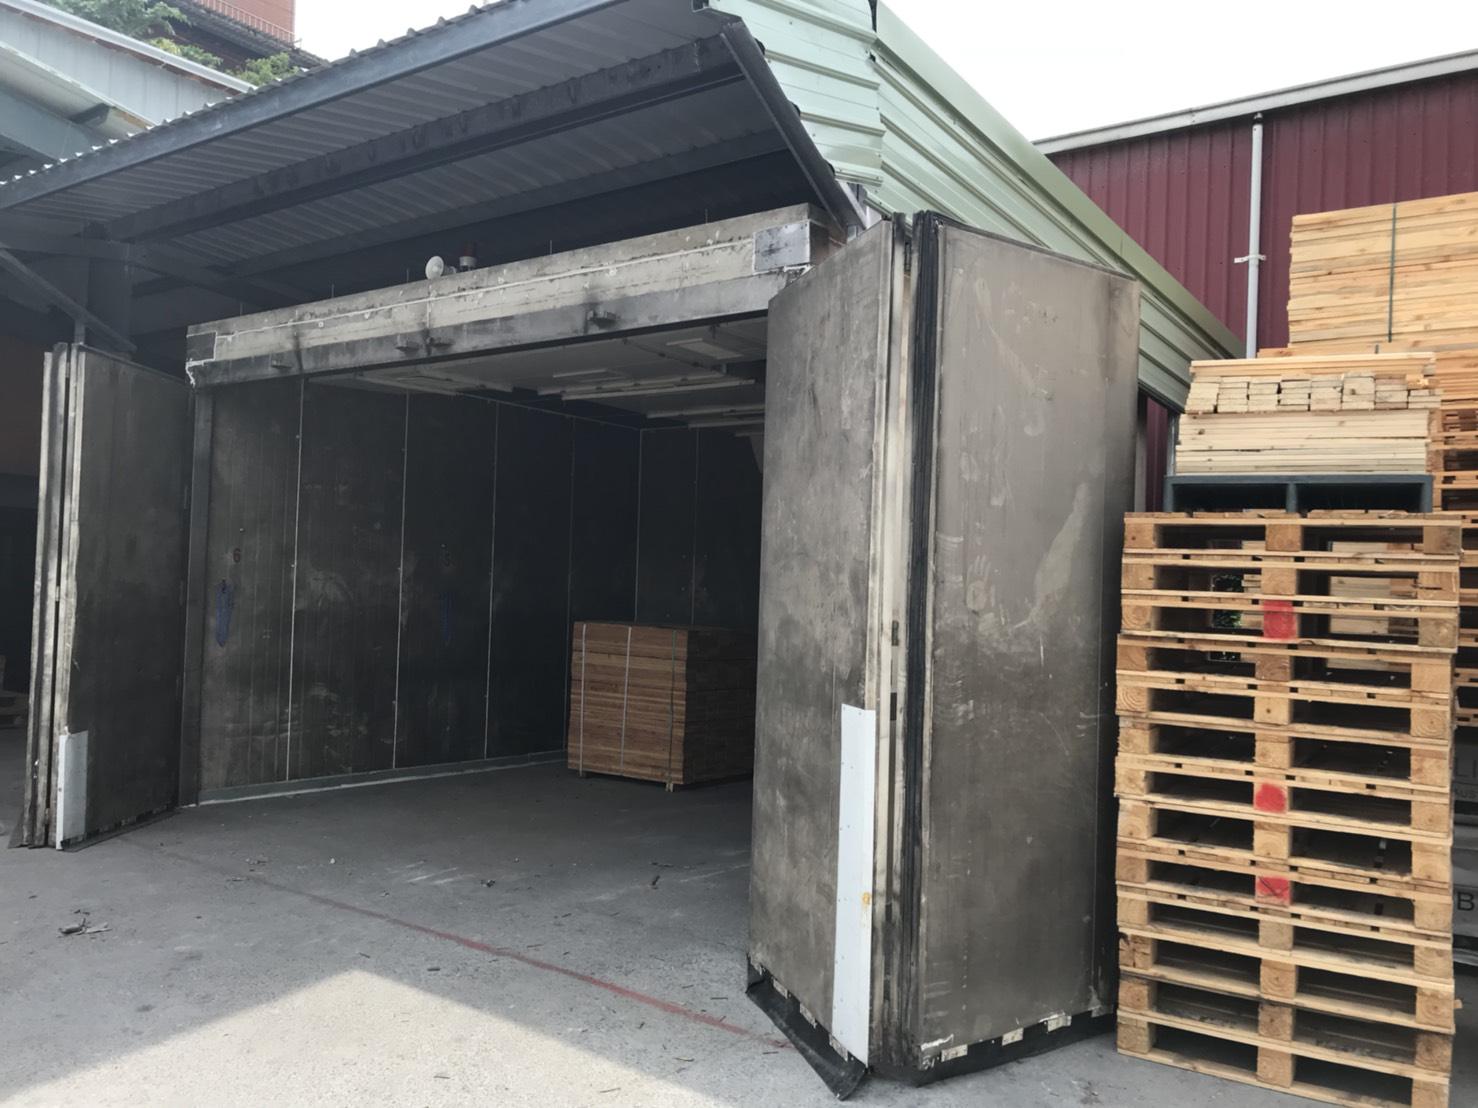 木箱 棧板 煙燻 熱處理加工